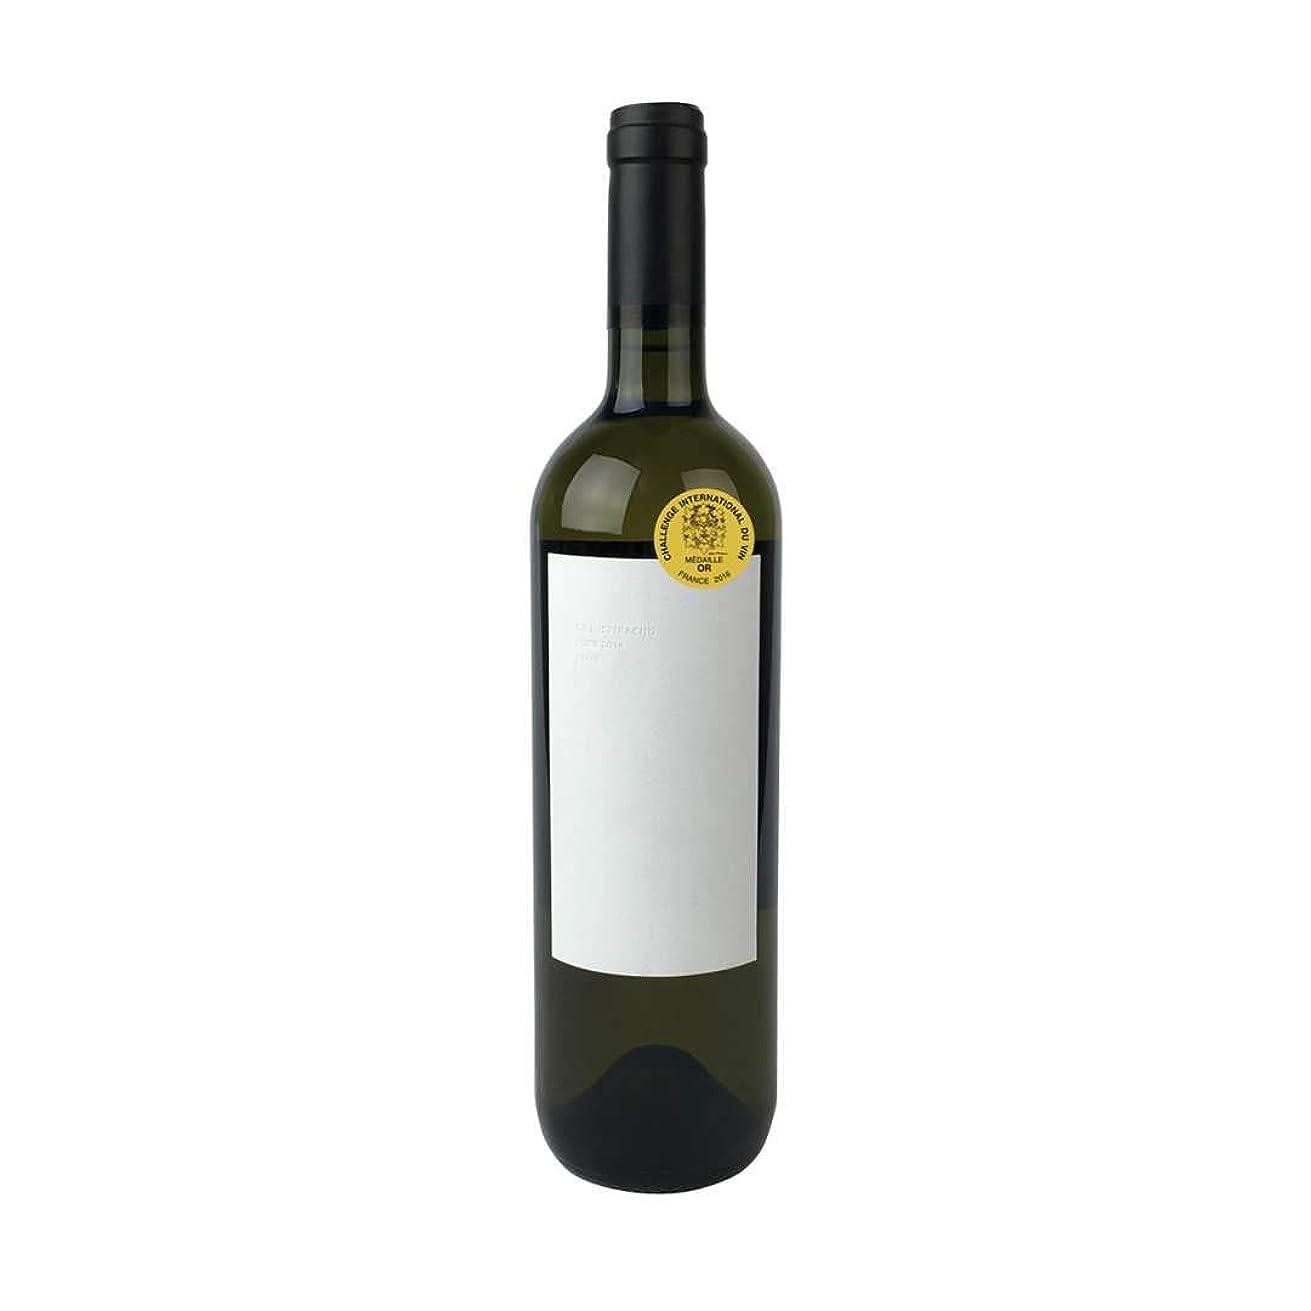 ギャザー餌平等【金賞】クロアチアの高級赤ワイン 辛口 フルボディ - スティナ プラヴァッツ 750ml 完熟ベリーの華やかな香りと深みのある (白, Posip 2018)